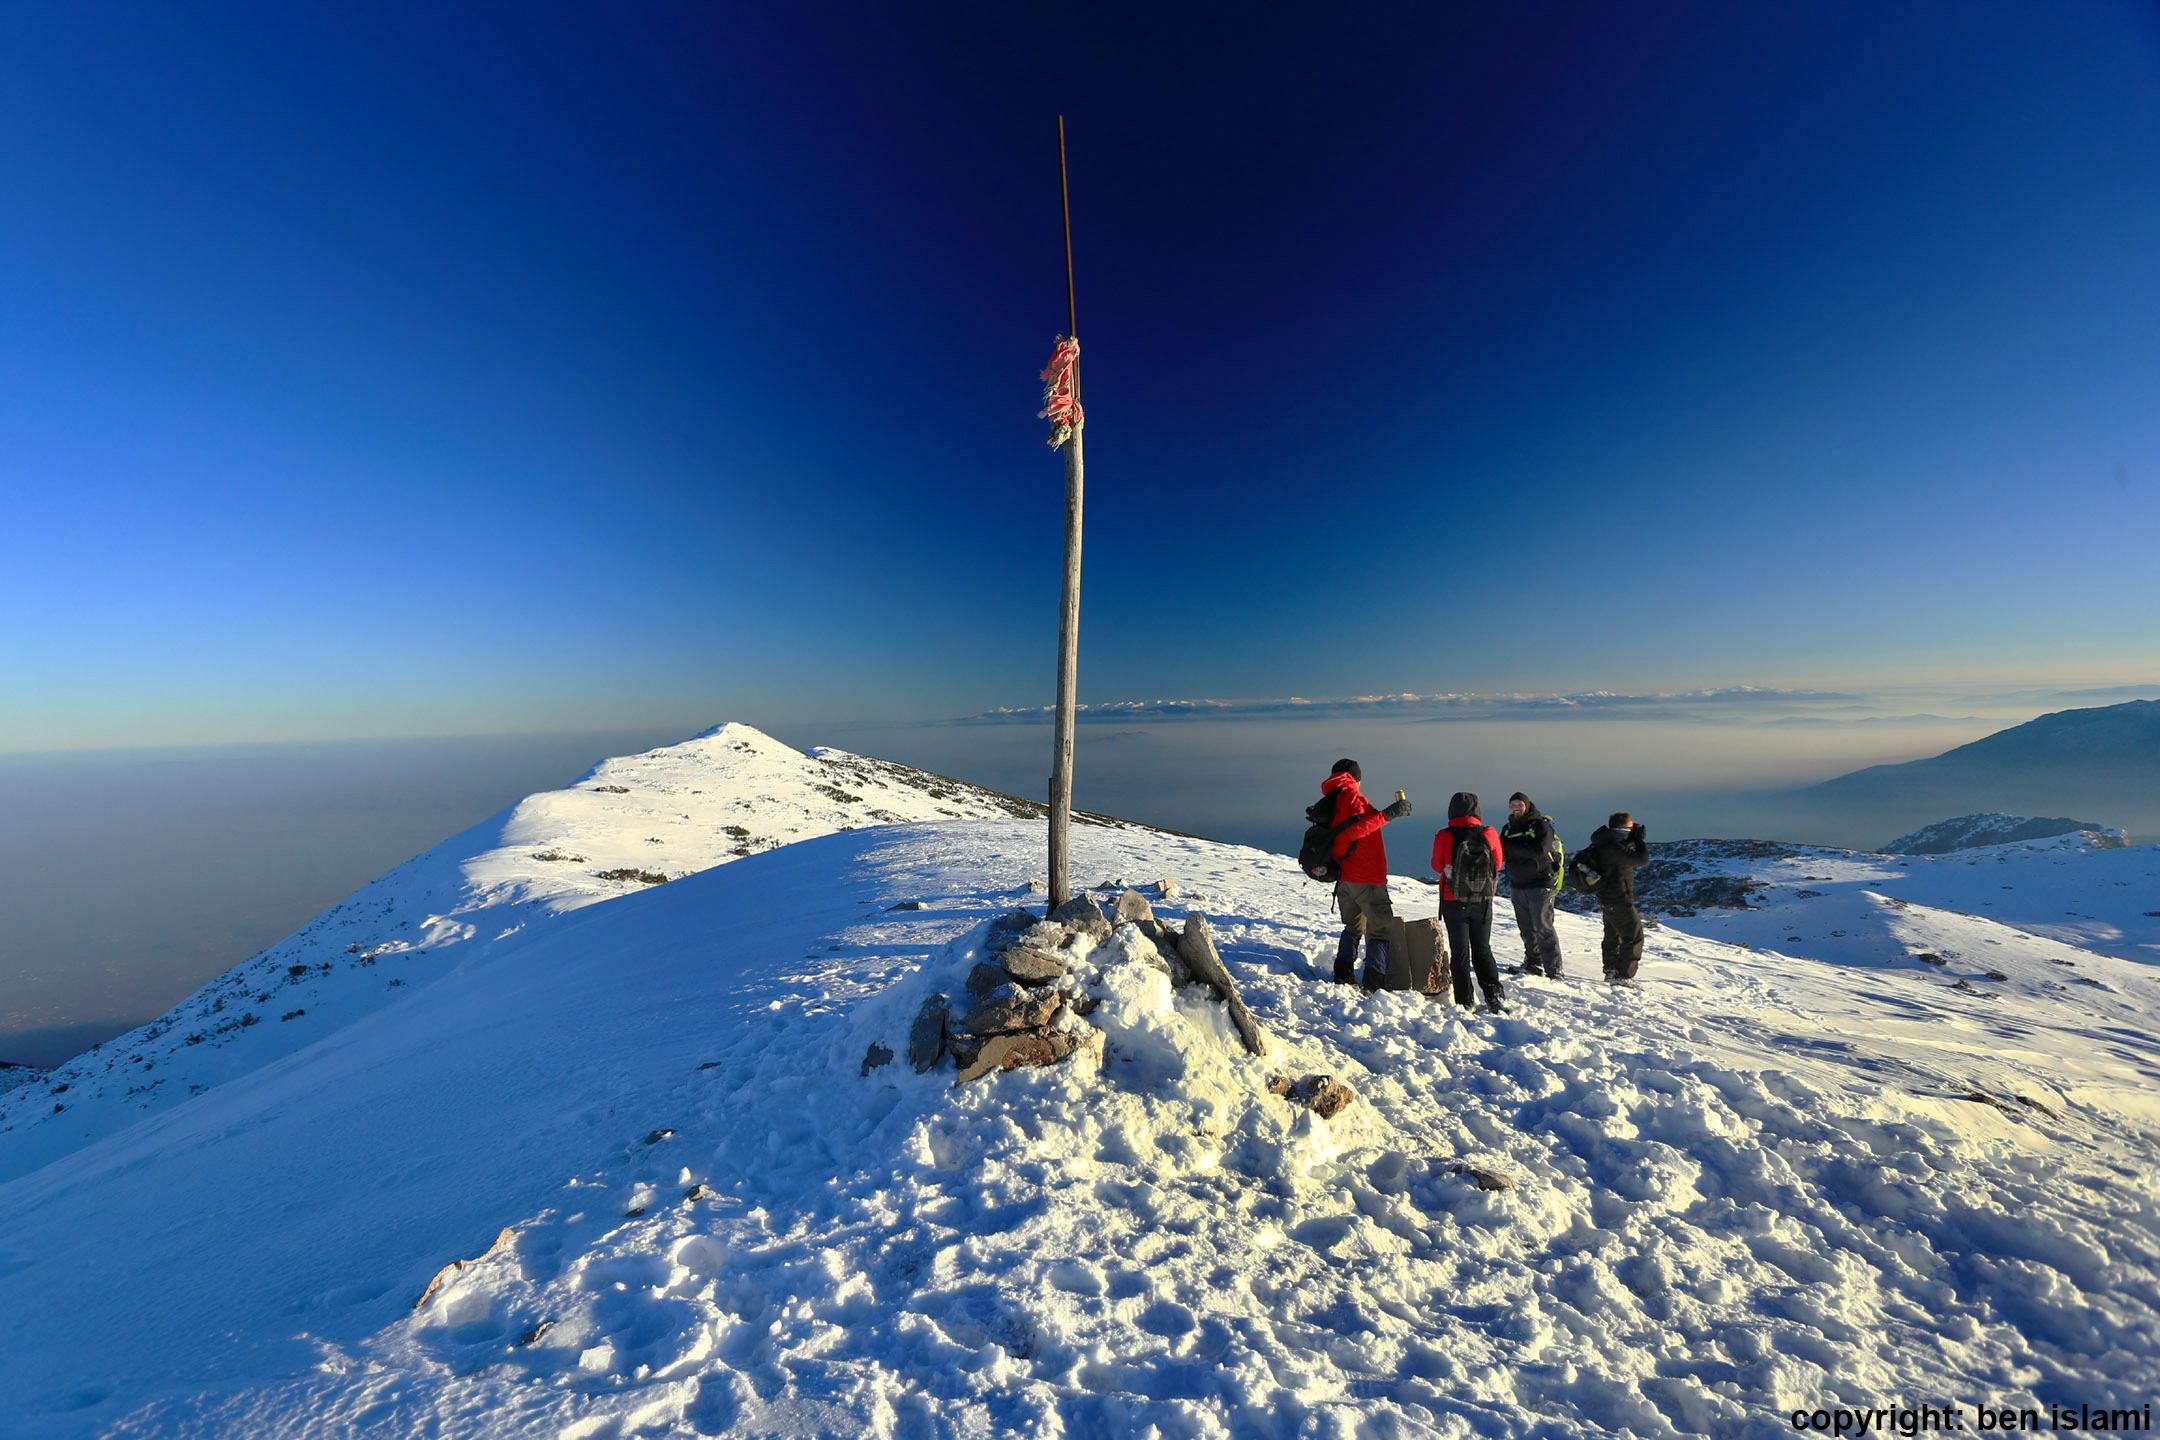 Rejuvenate your soul at Rusolia Peak